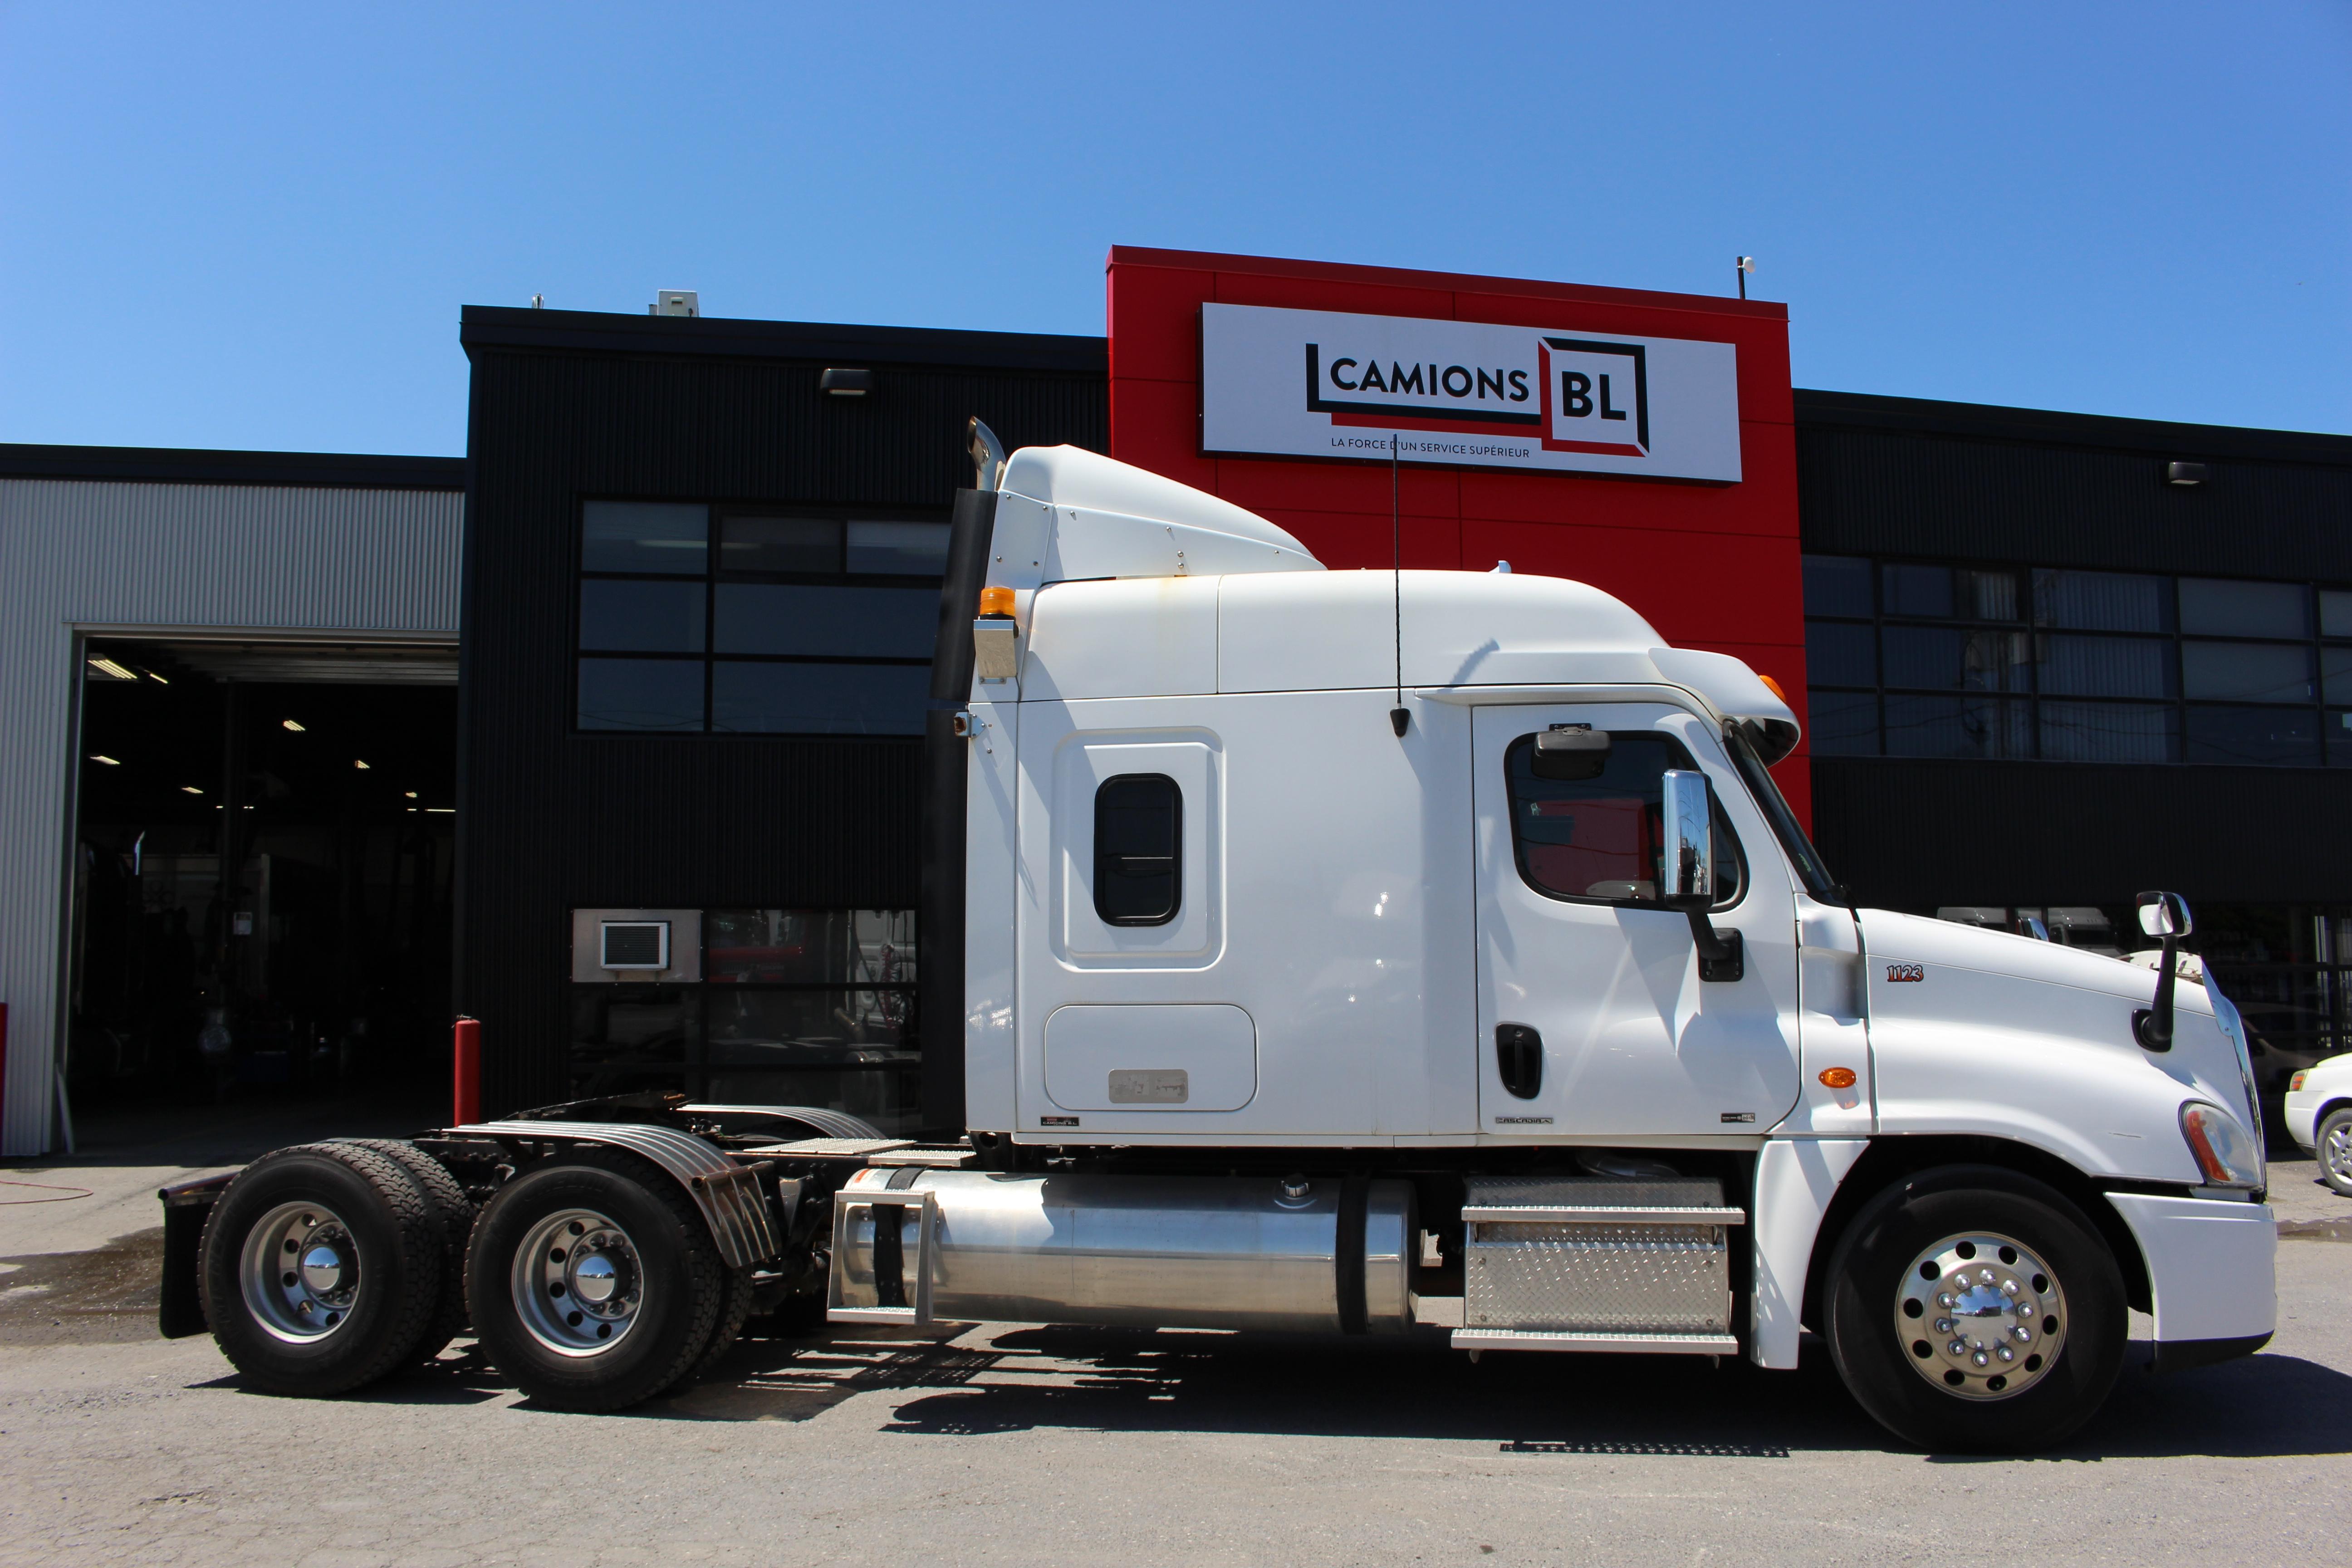 BS7996 - camionsbl